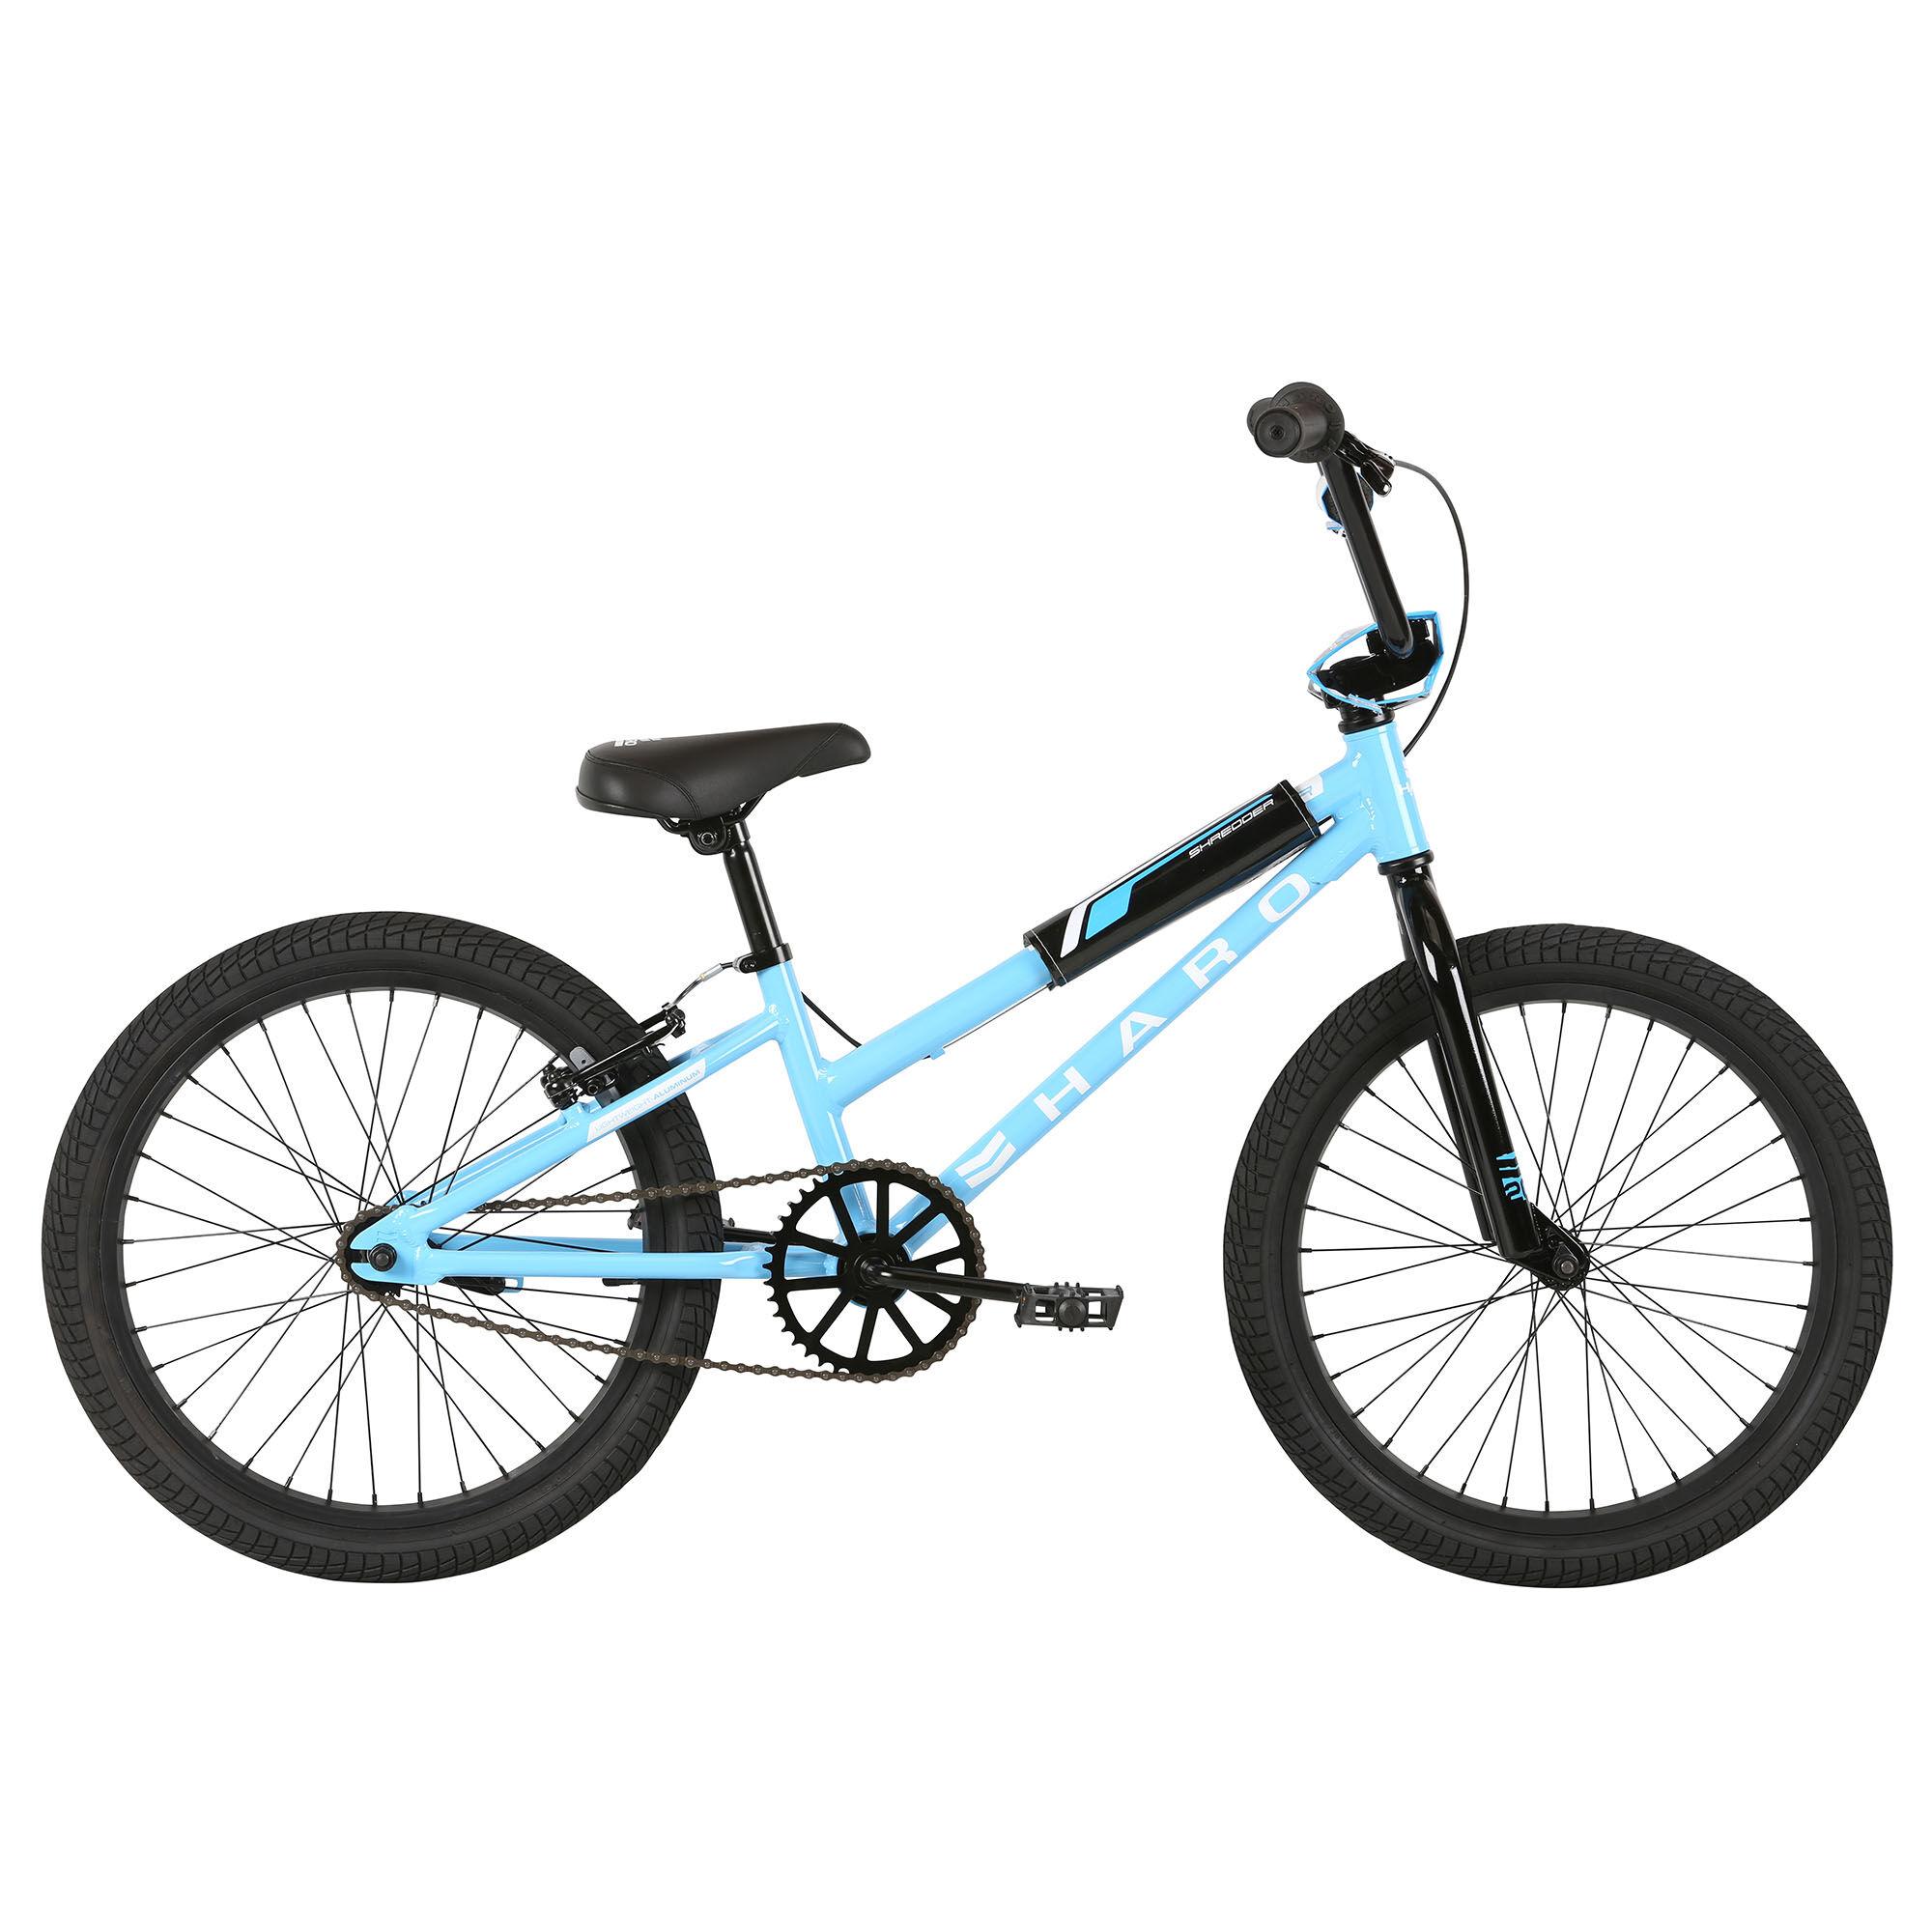 Haro Girl's Shredder 20 Sidewalk Bike '21  - Sky Blue - Size: 20